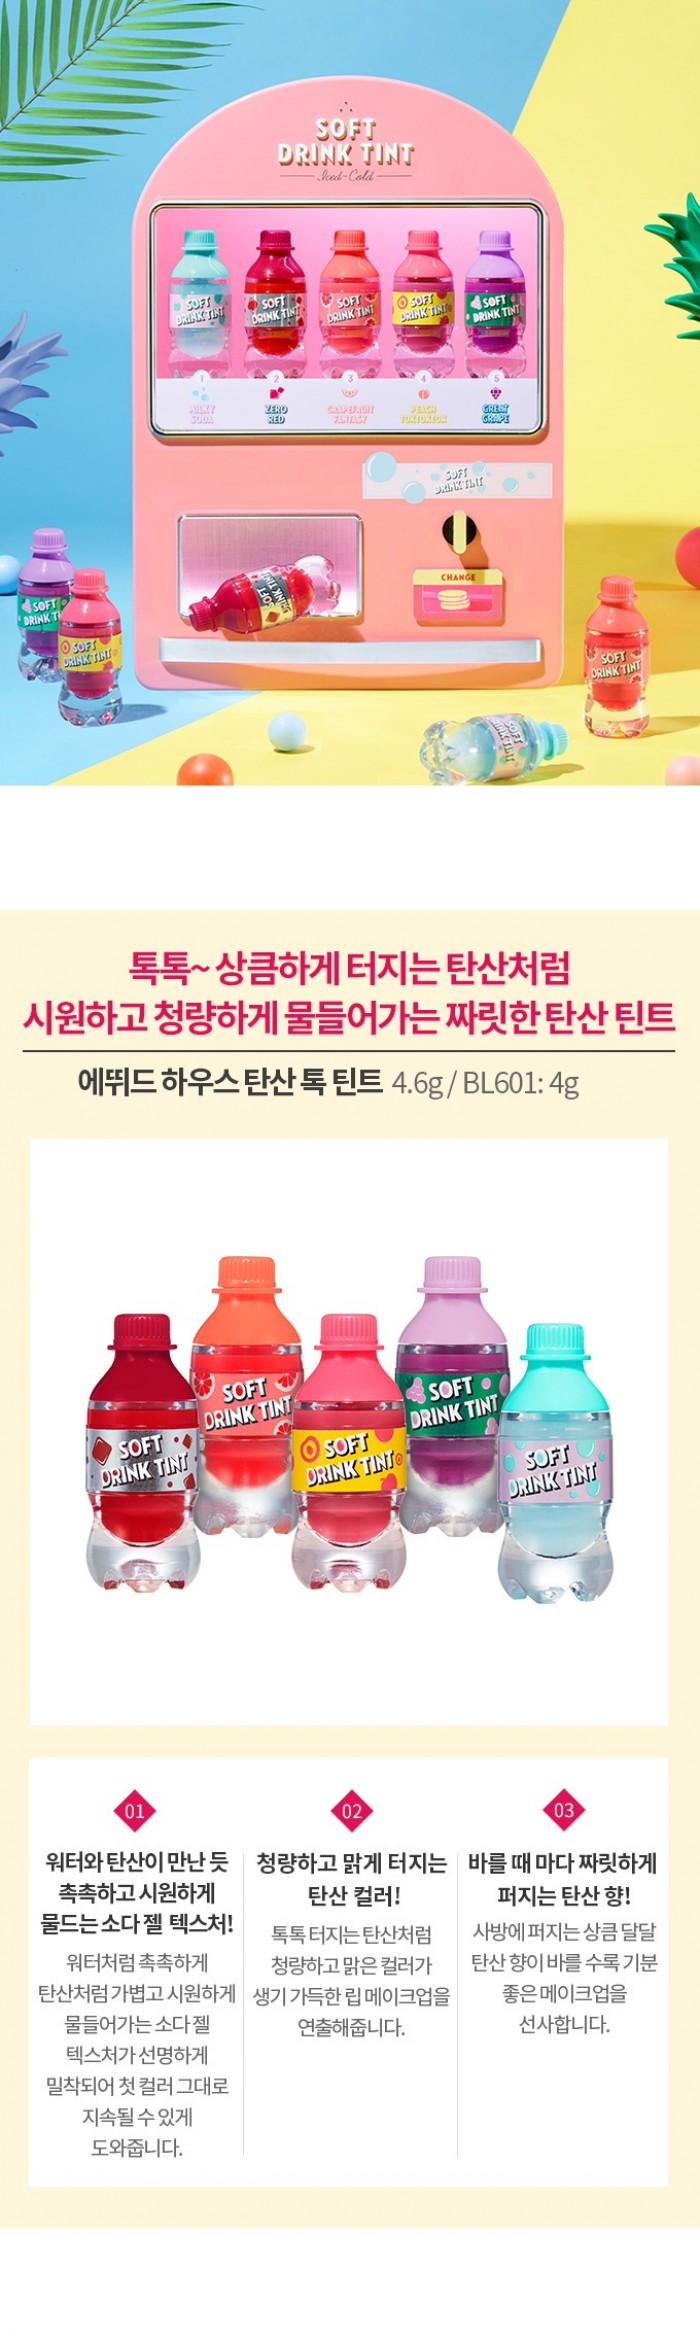 Sét Son Lì Trái Cây 5 Chai Soft DRink Tint0